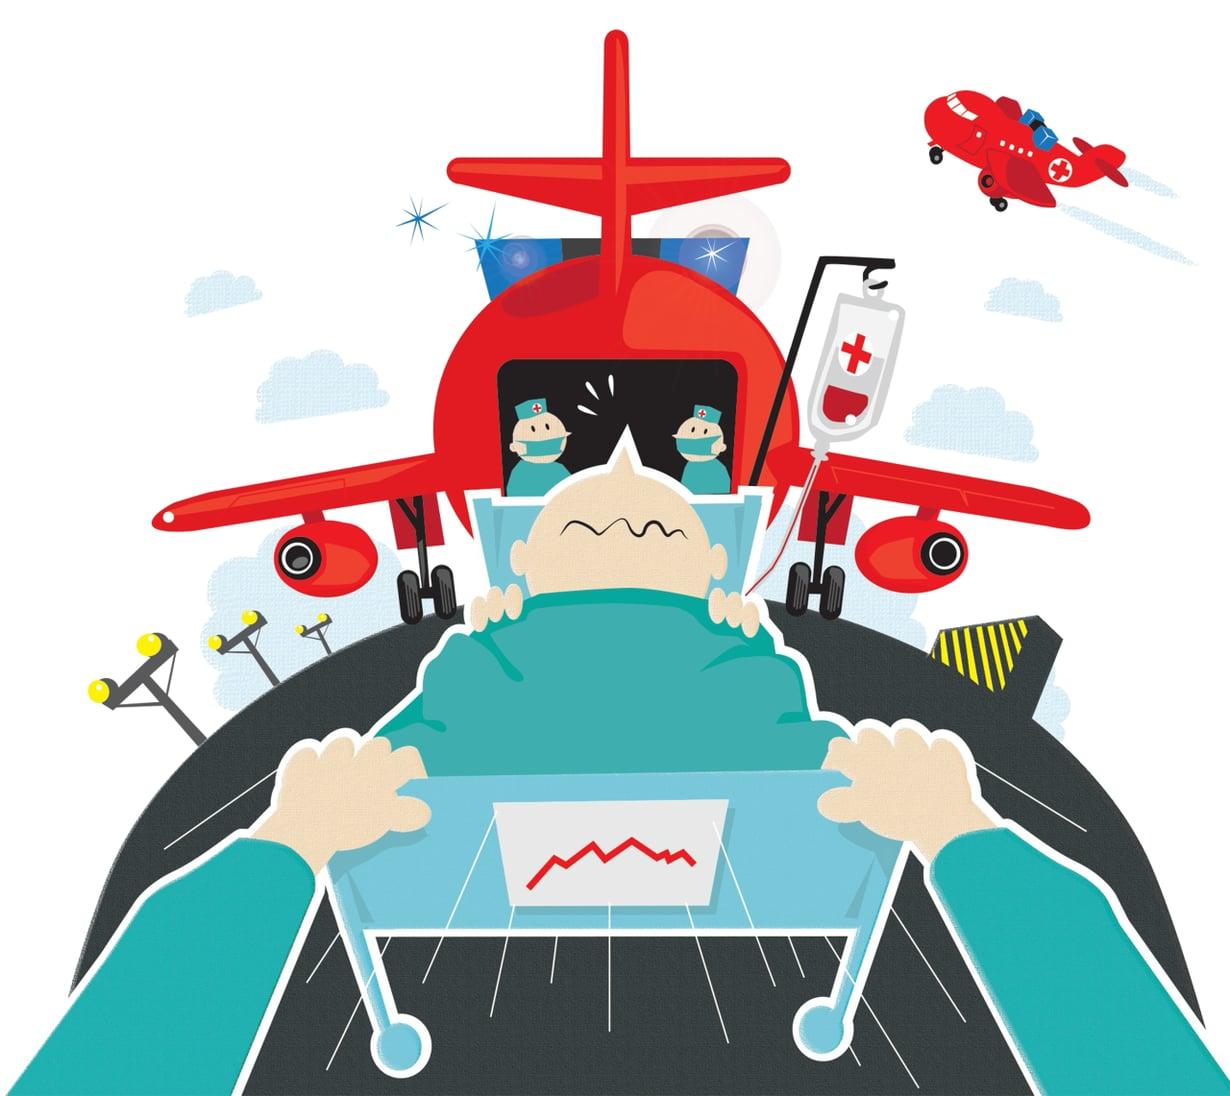 Ambulanssilennon korvaa yleensä potilaan vakuutusyhtiö tai työnantaja. Jos matkavakuutusta ei ole, asiakas joutuu pahimmillaan maksamaan siirron itse. Kuvitus: Petri Rotsten